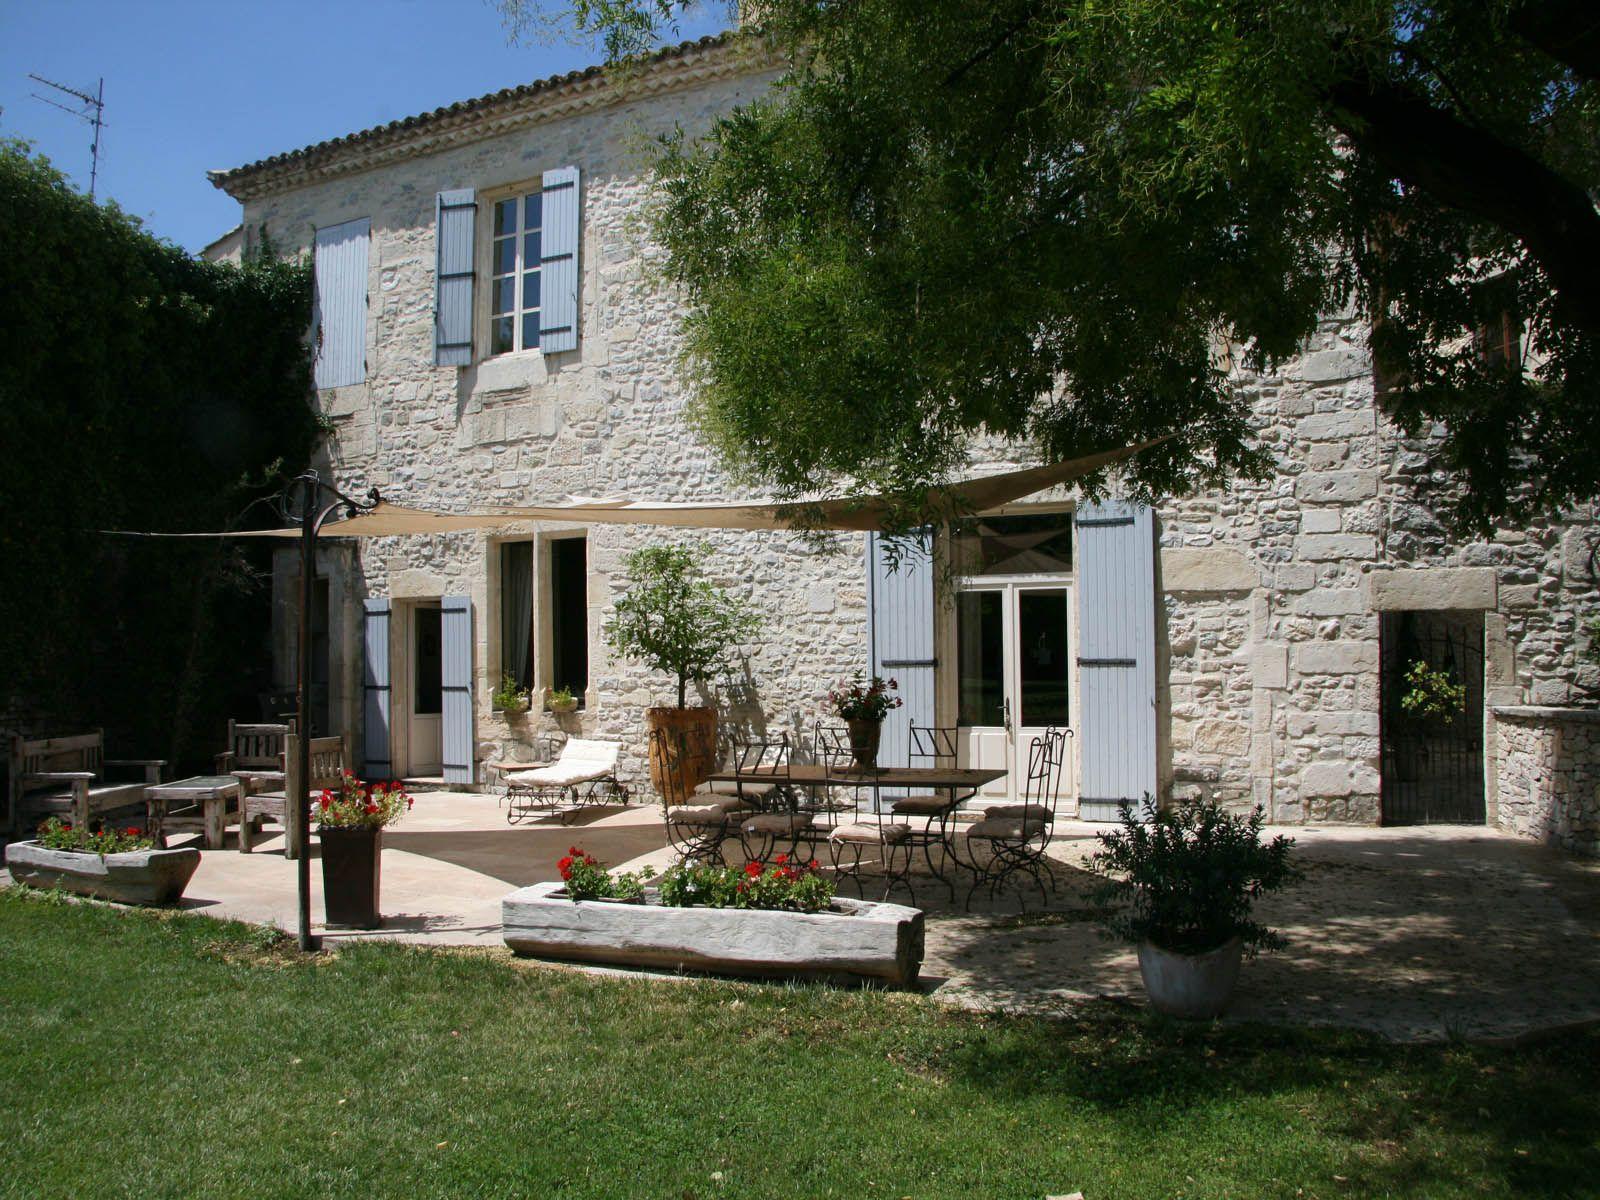 Salle de reception mariage seminaire chambres d hotes Nimes Gard